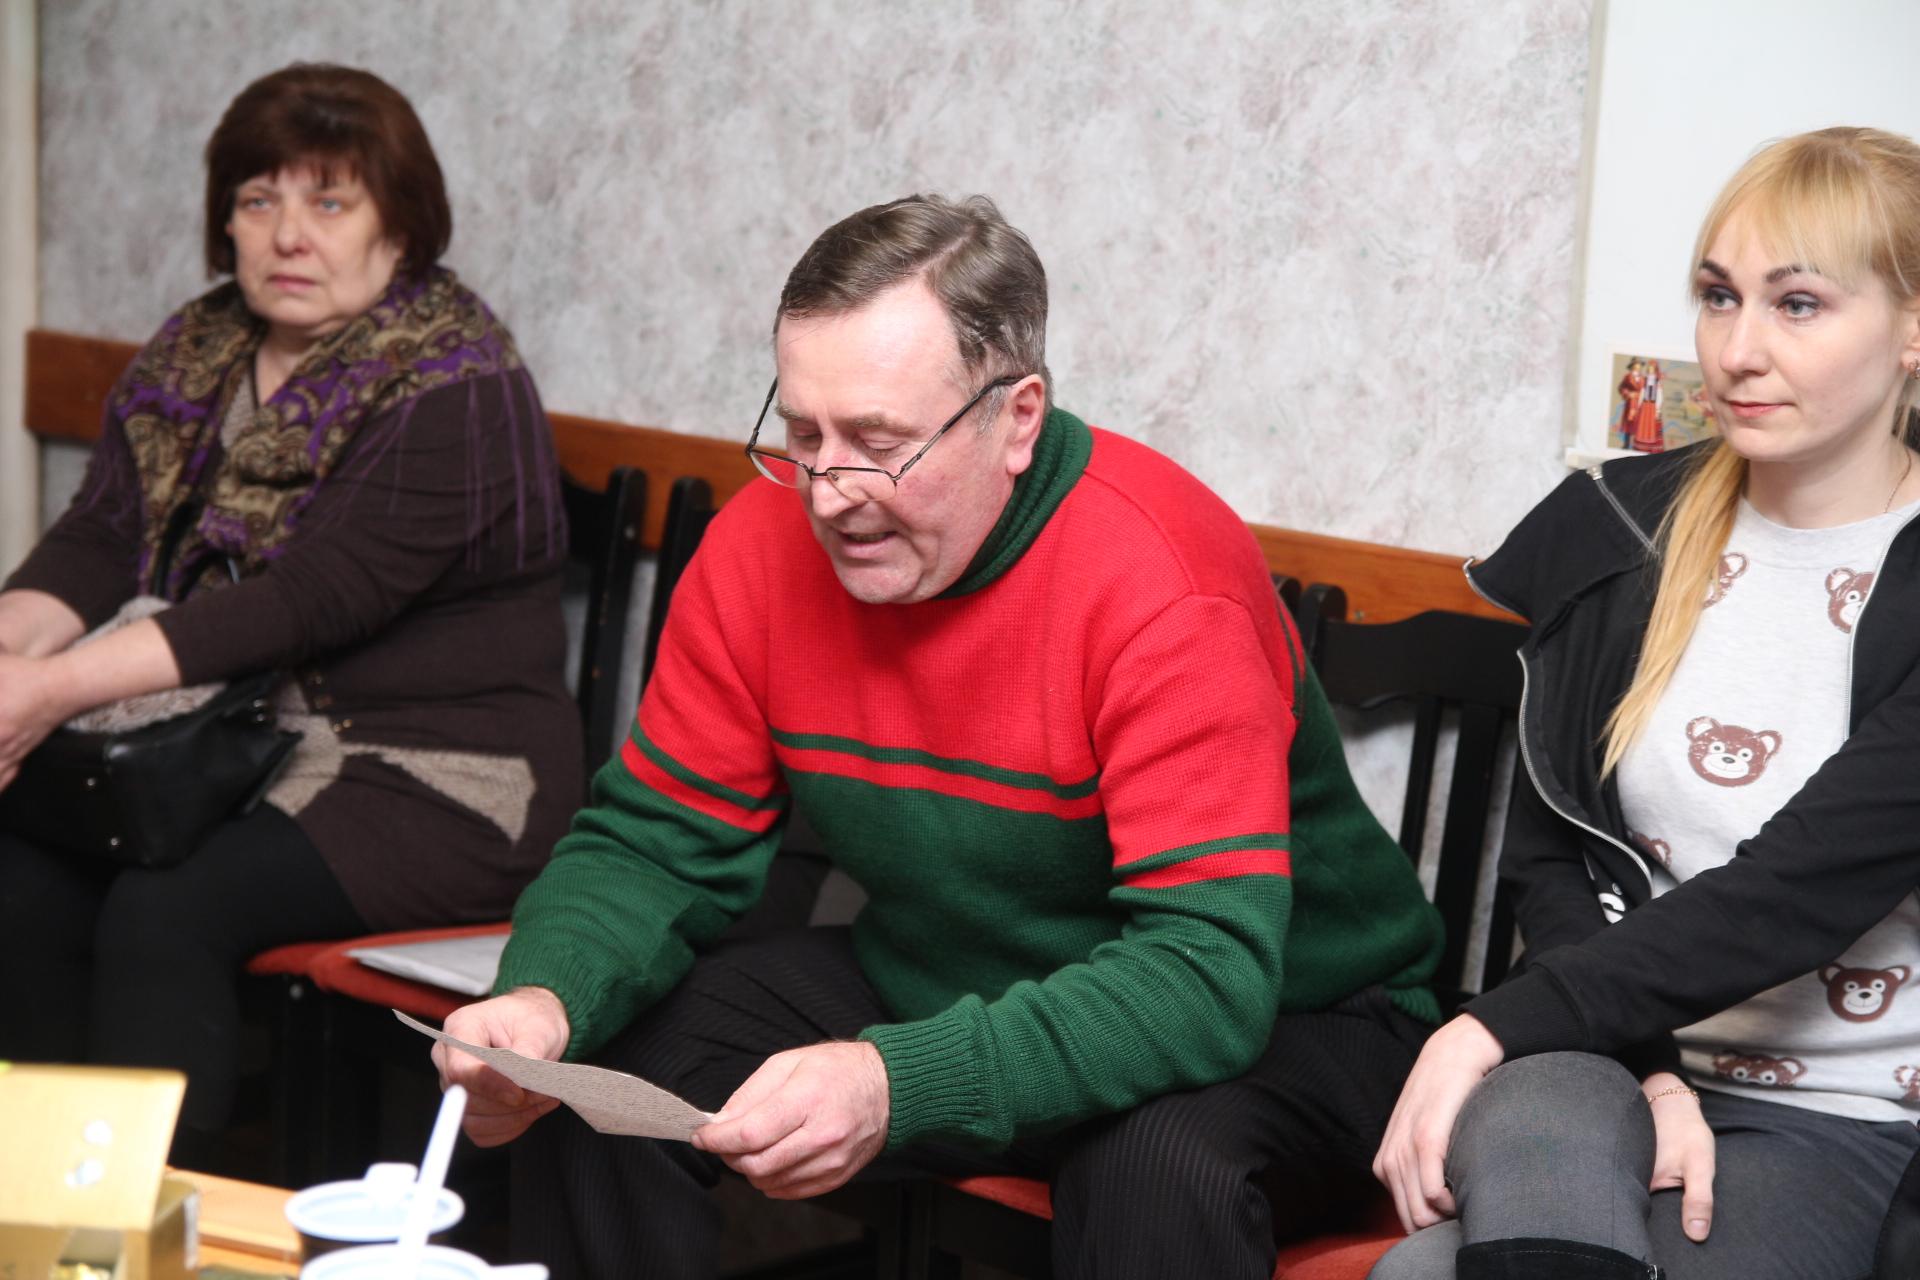 Сваякі асуджаных за наркотыкі едуць у Менск на святкаванне 100 – гадовай гадавіны БНР.